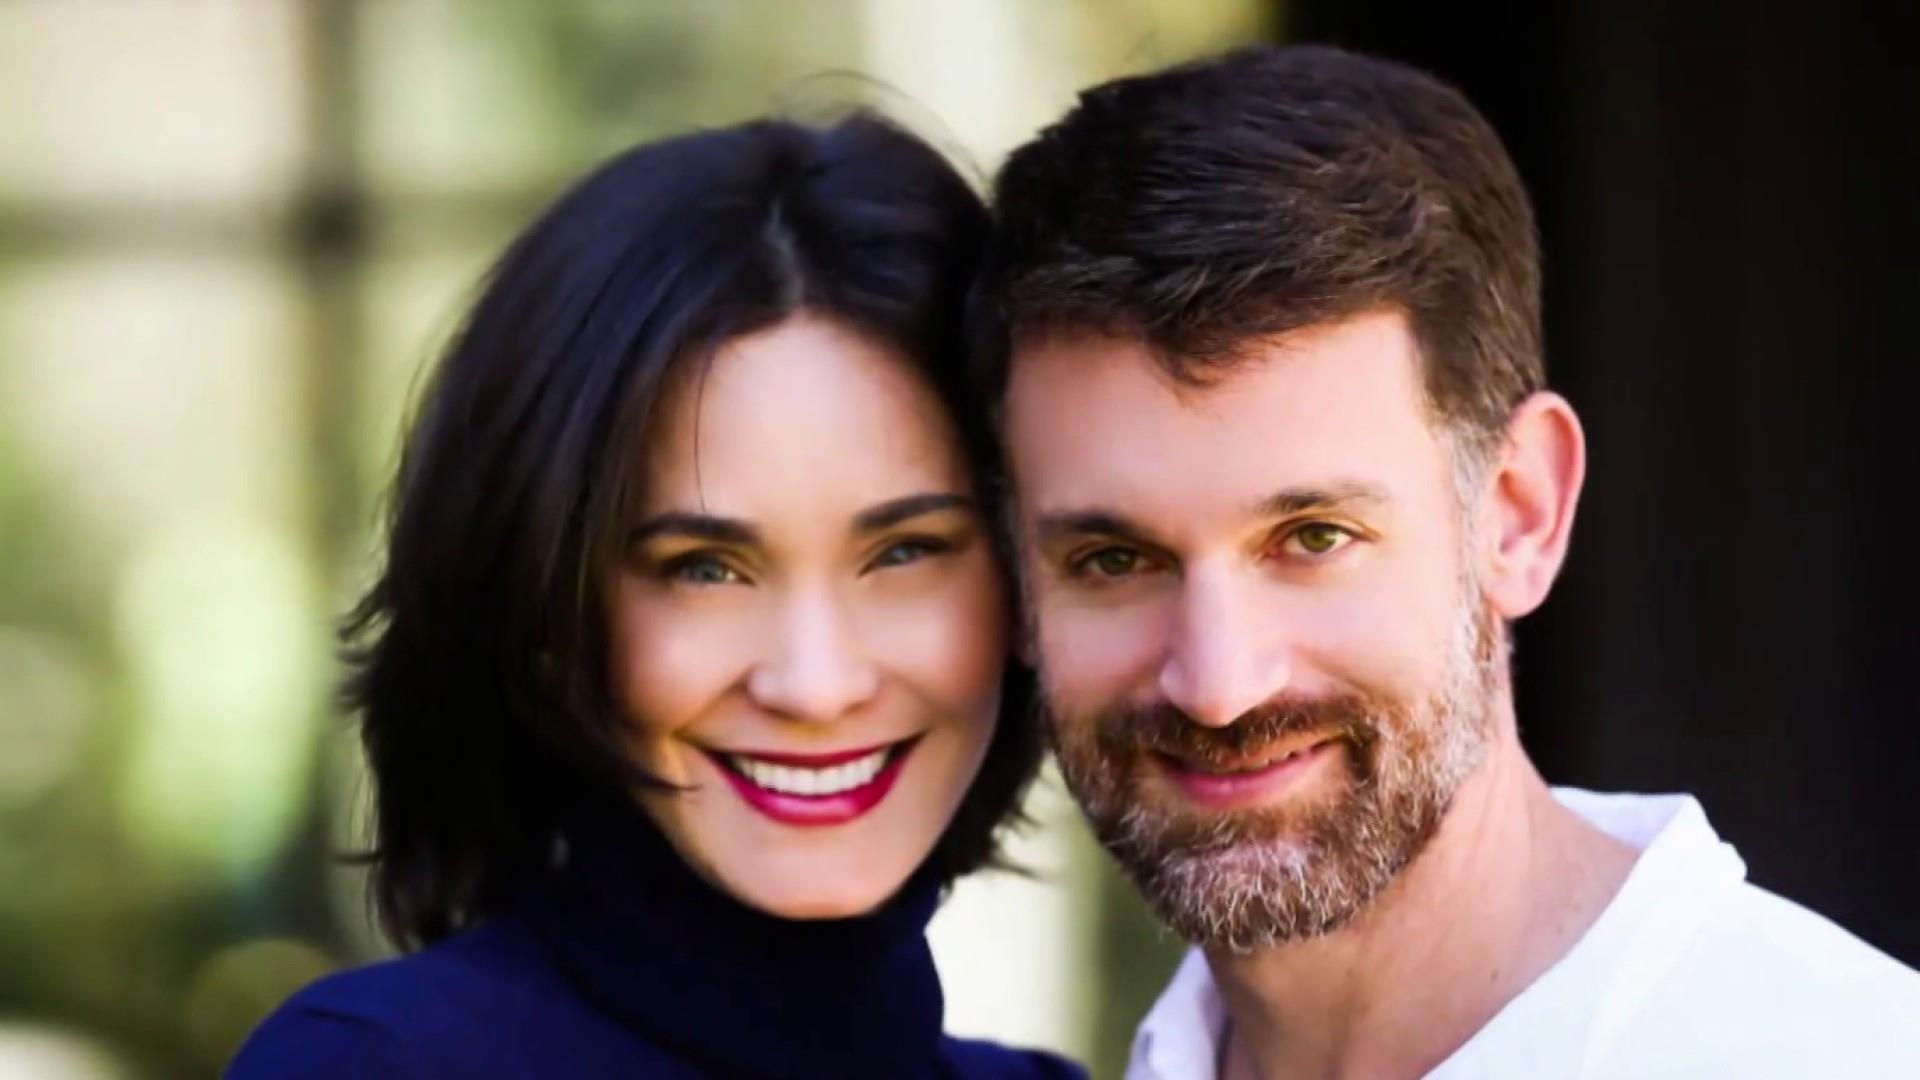 John and olivia walton sexual chemistry